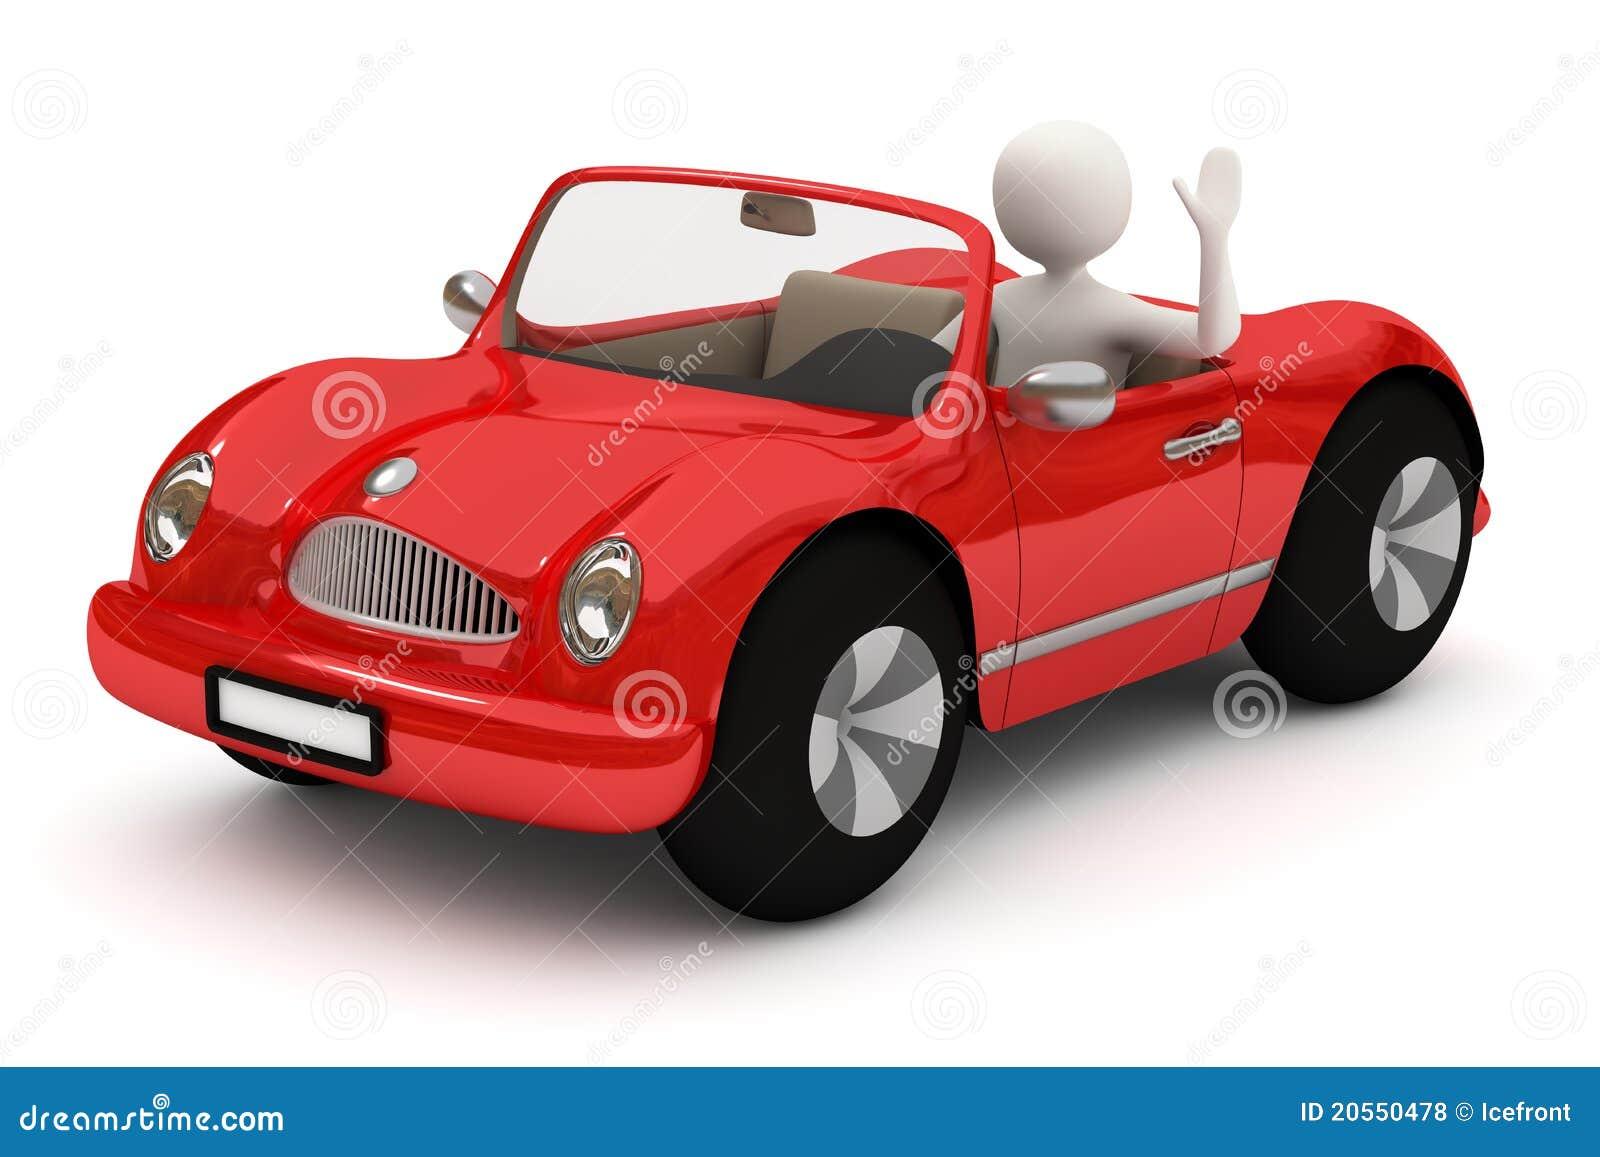 Red Sports Car No Doors